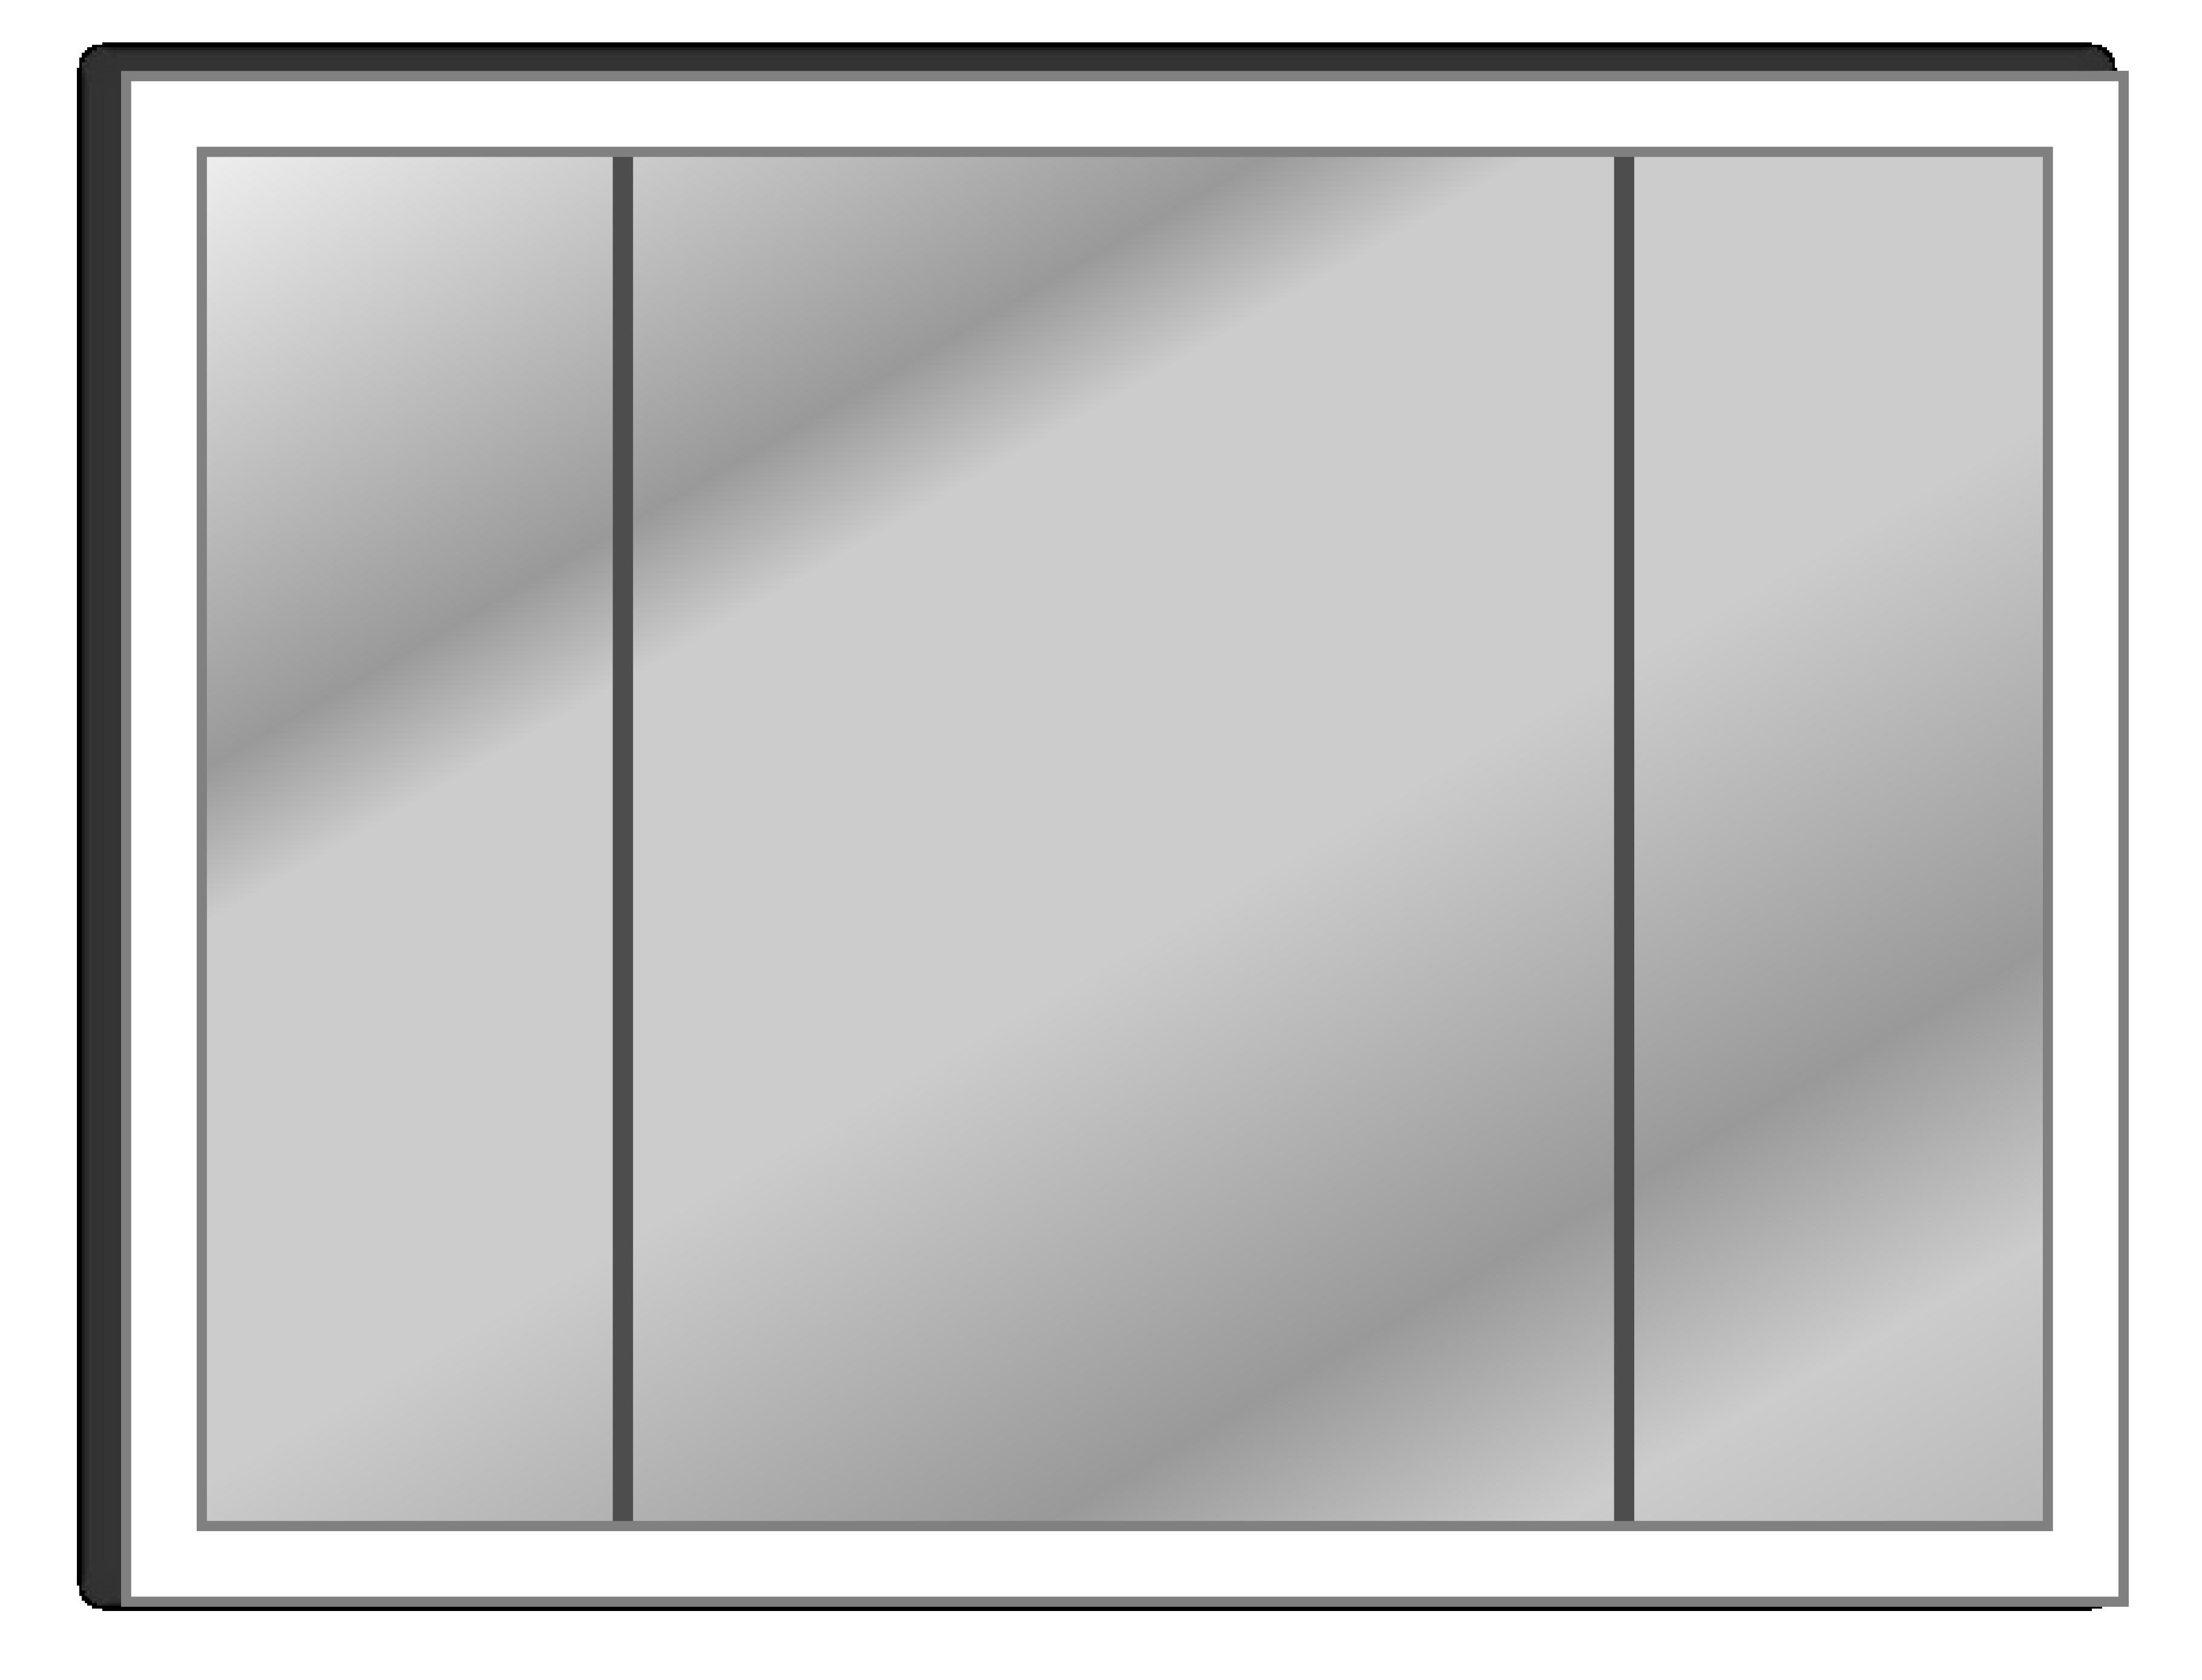 SIDLER Quadro 1.1012.013